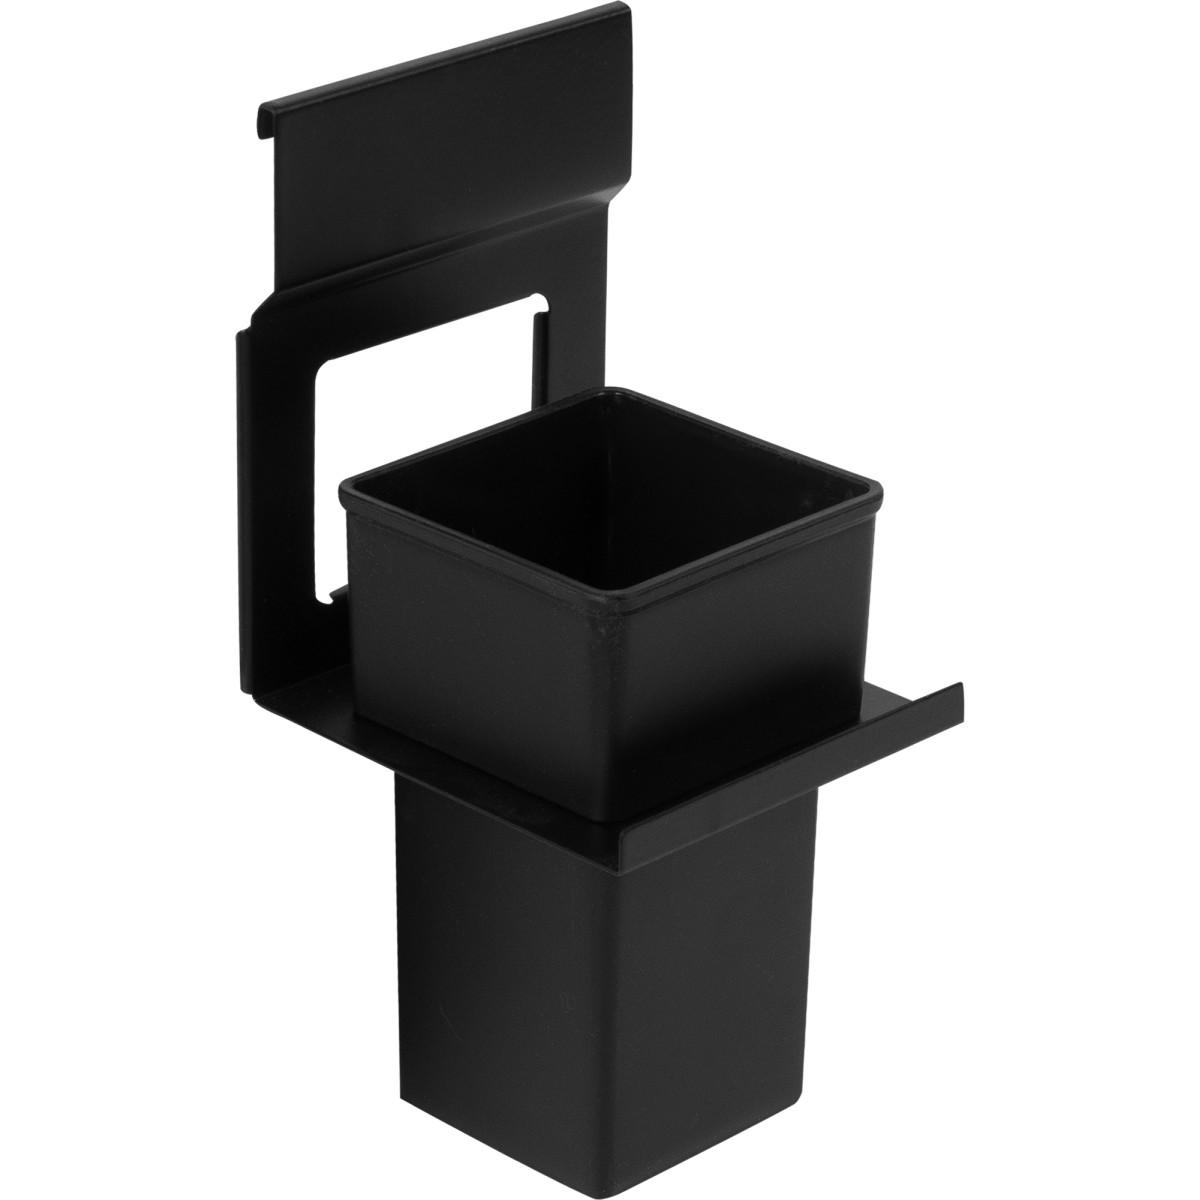 Держатель стакана Lund для рейлинга металл/пластик цвет черный